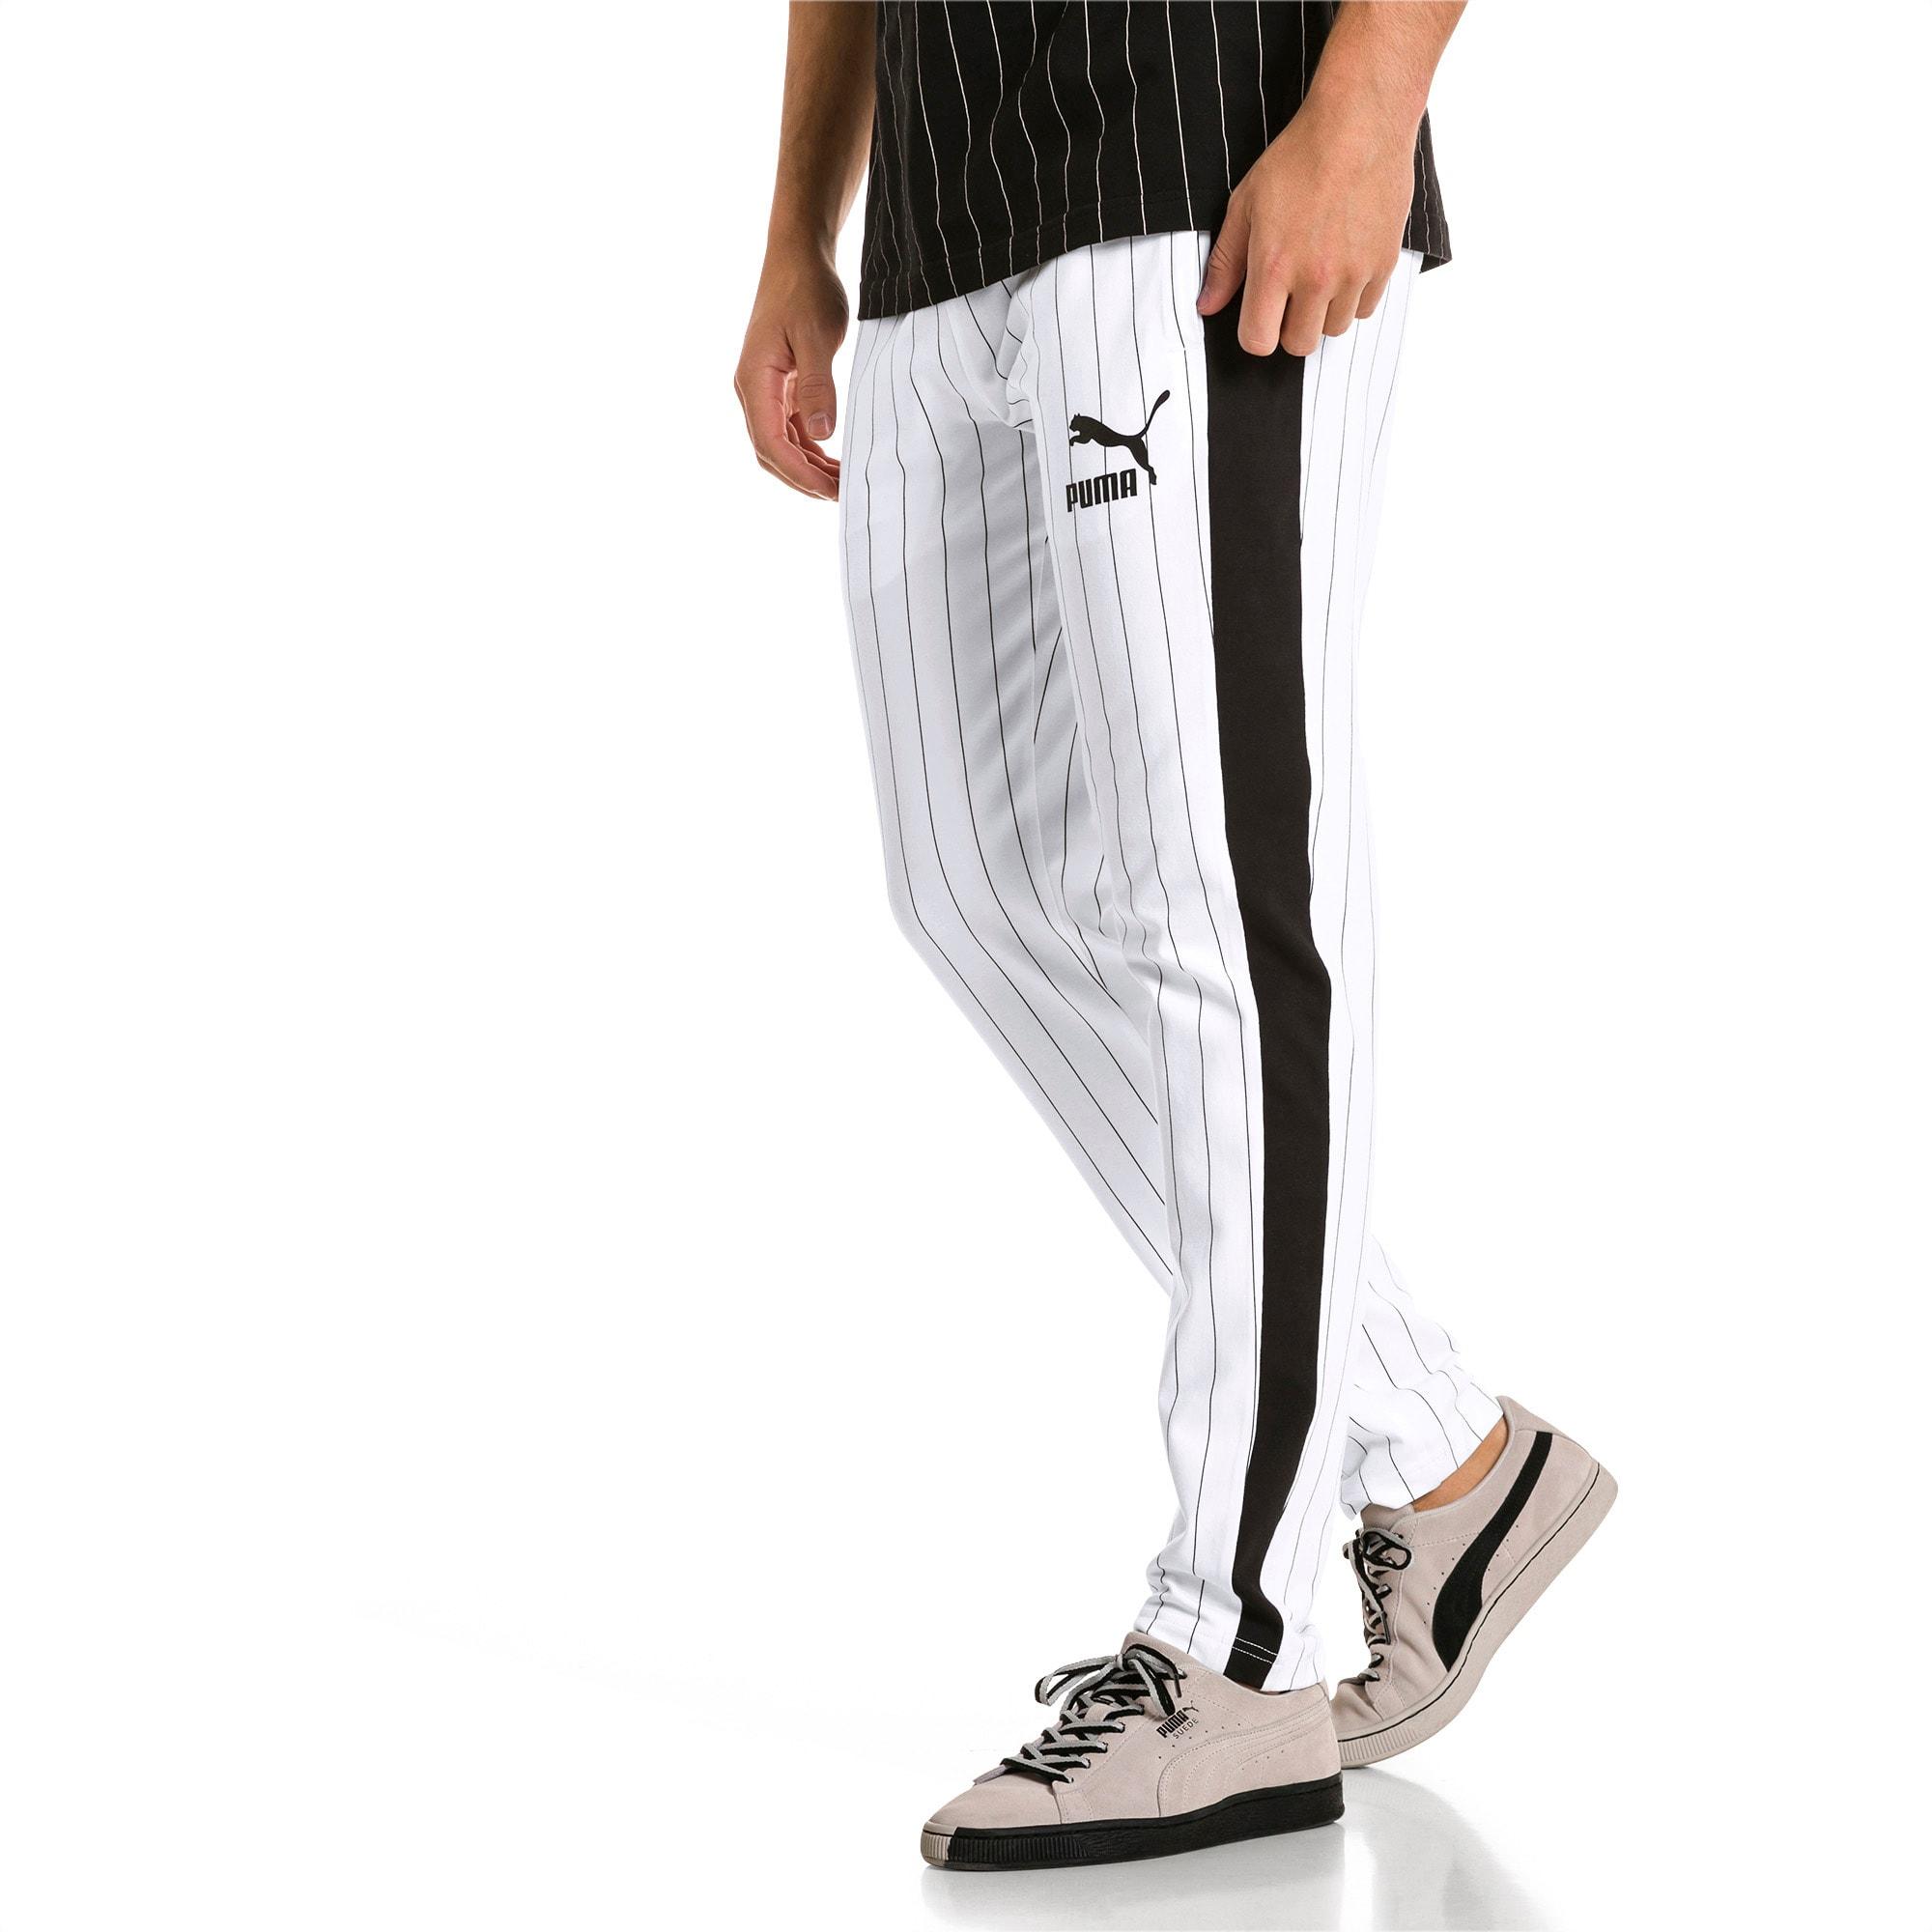 Pantaloni della tuta gessati Archive T7 uomo